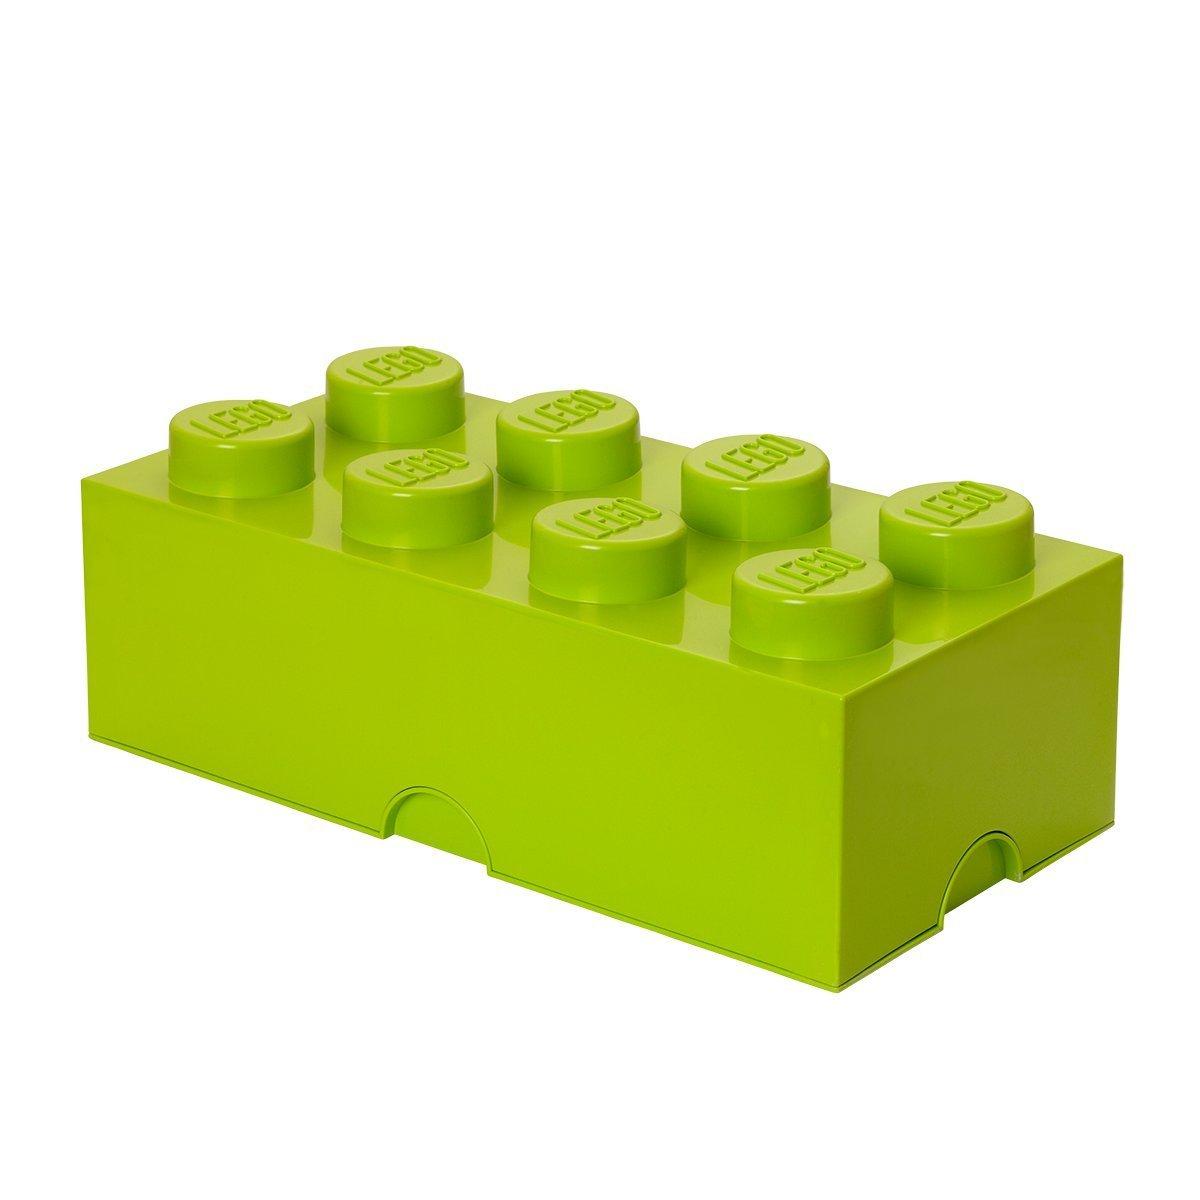 Lego opbevaringskasse 8 - limegrøn, +10 stk. på lager fra Lego fra pixizoo